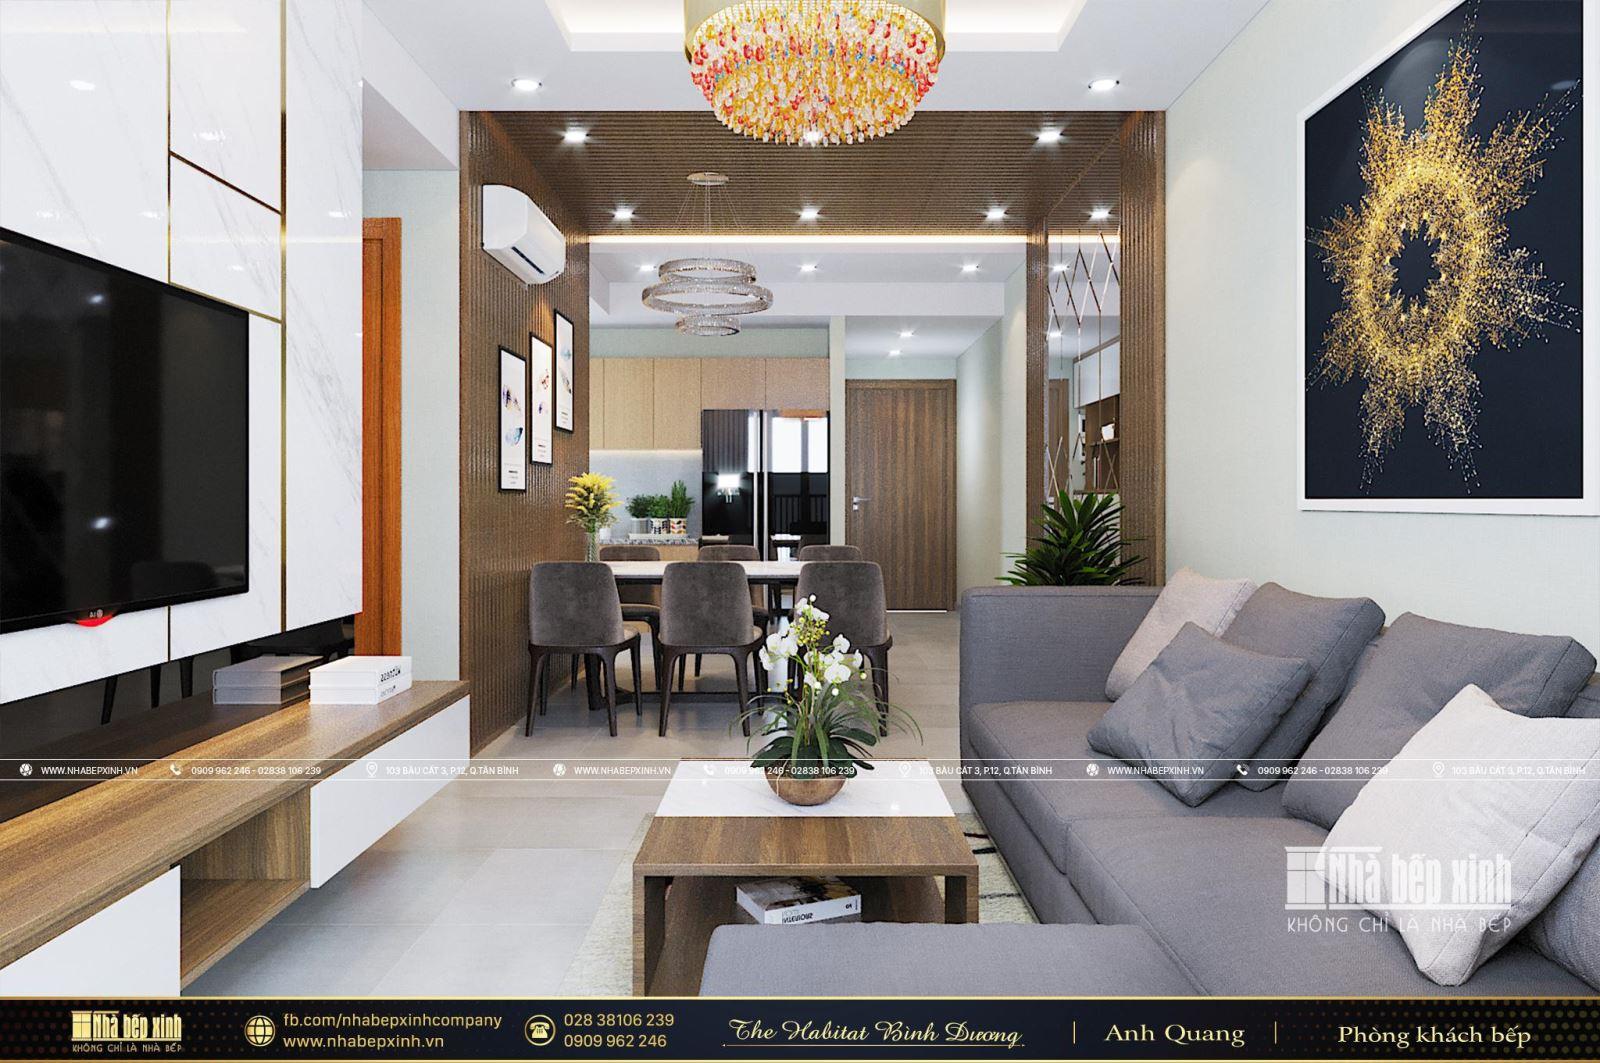 Tổng hợp những mẫu thiết kế nội thất chung cư The Habitat Bình Dương